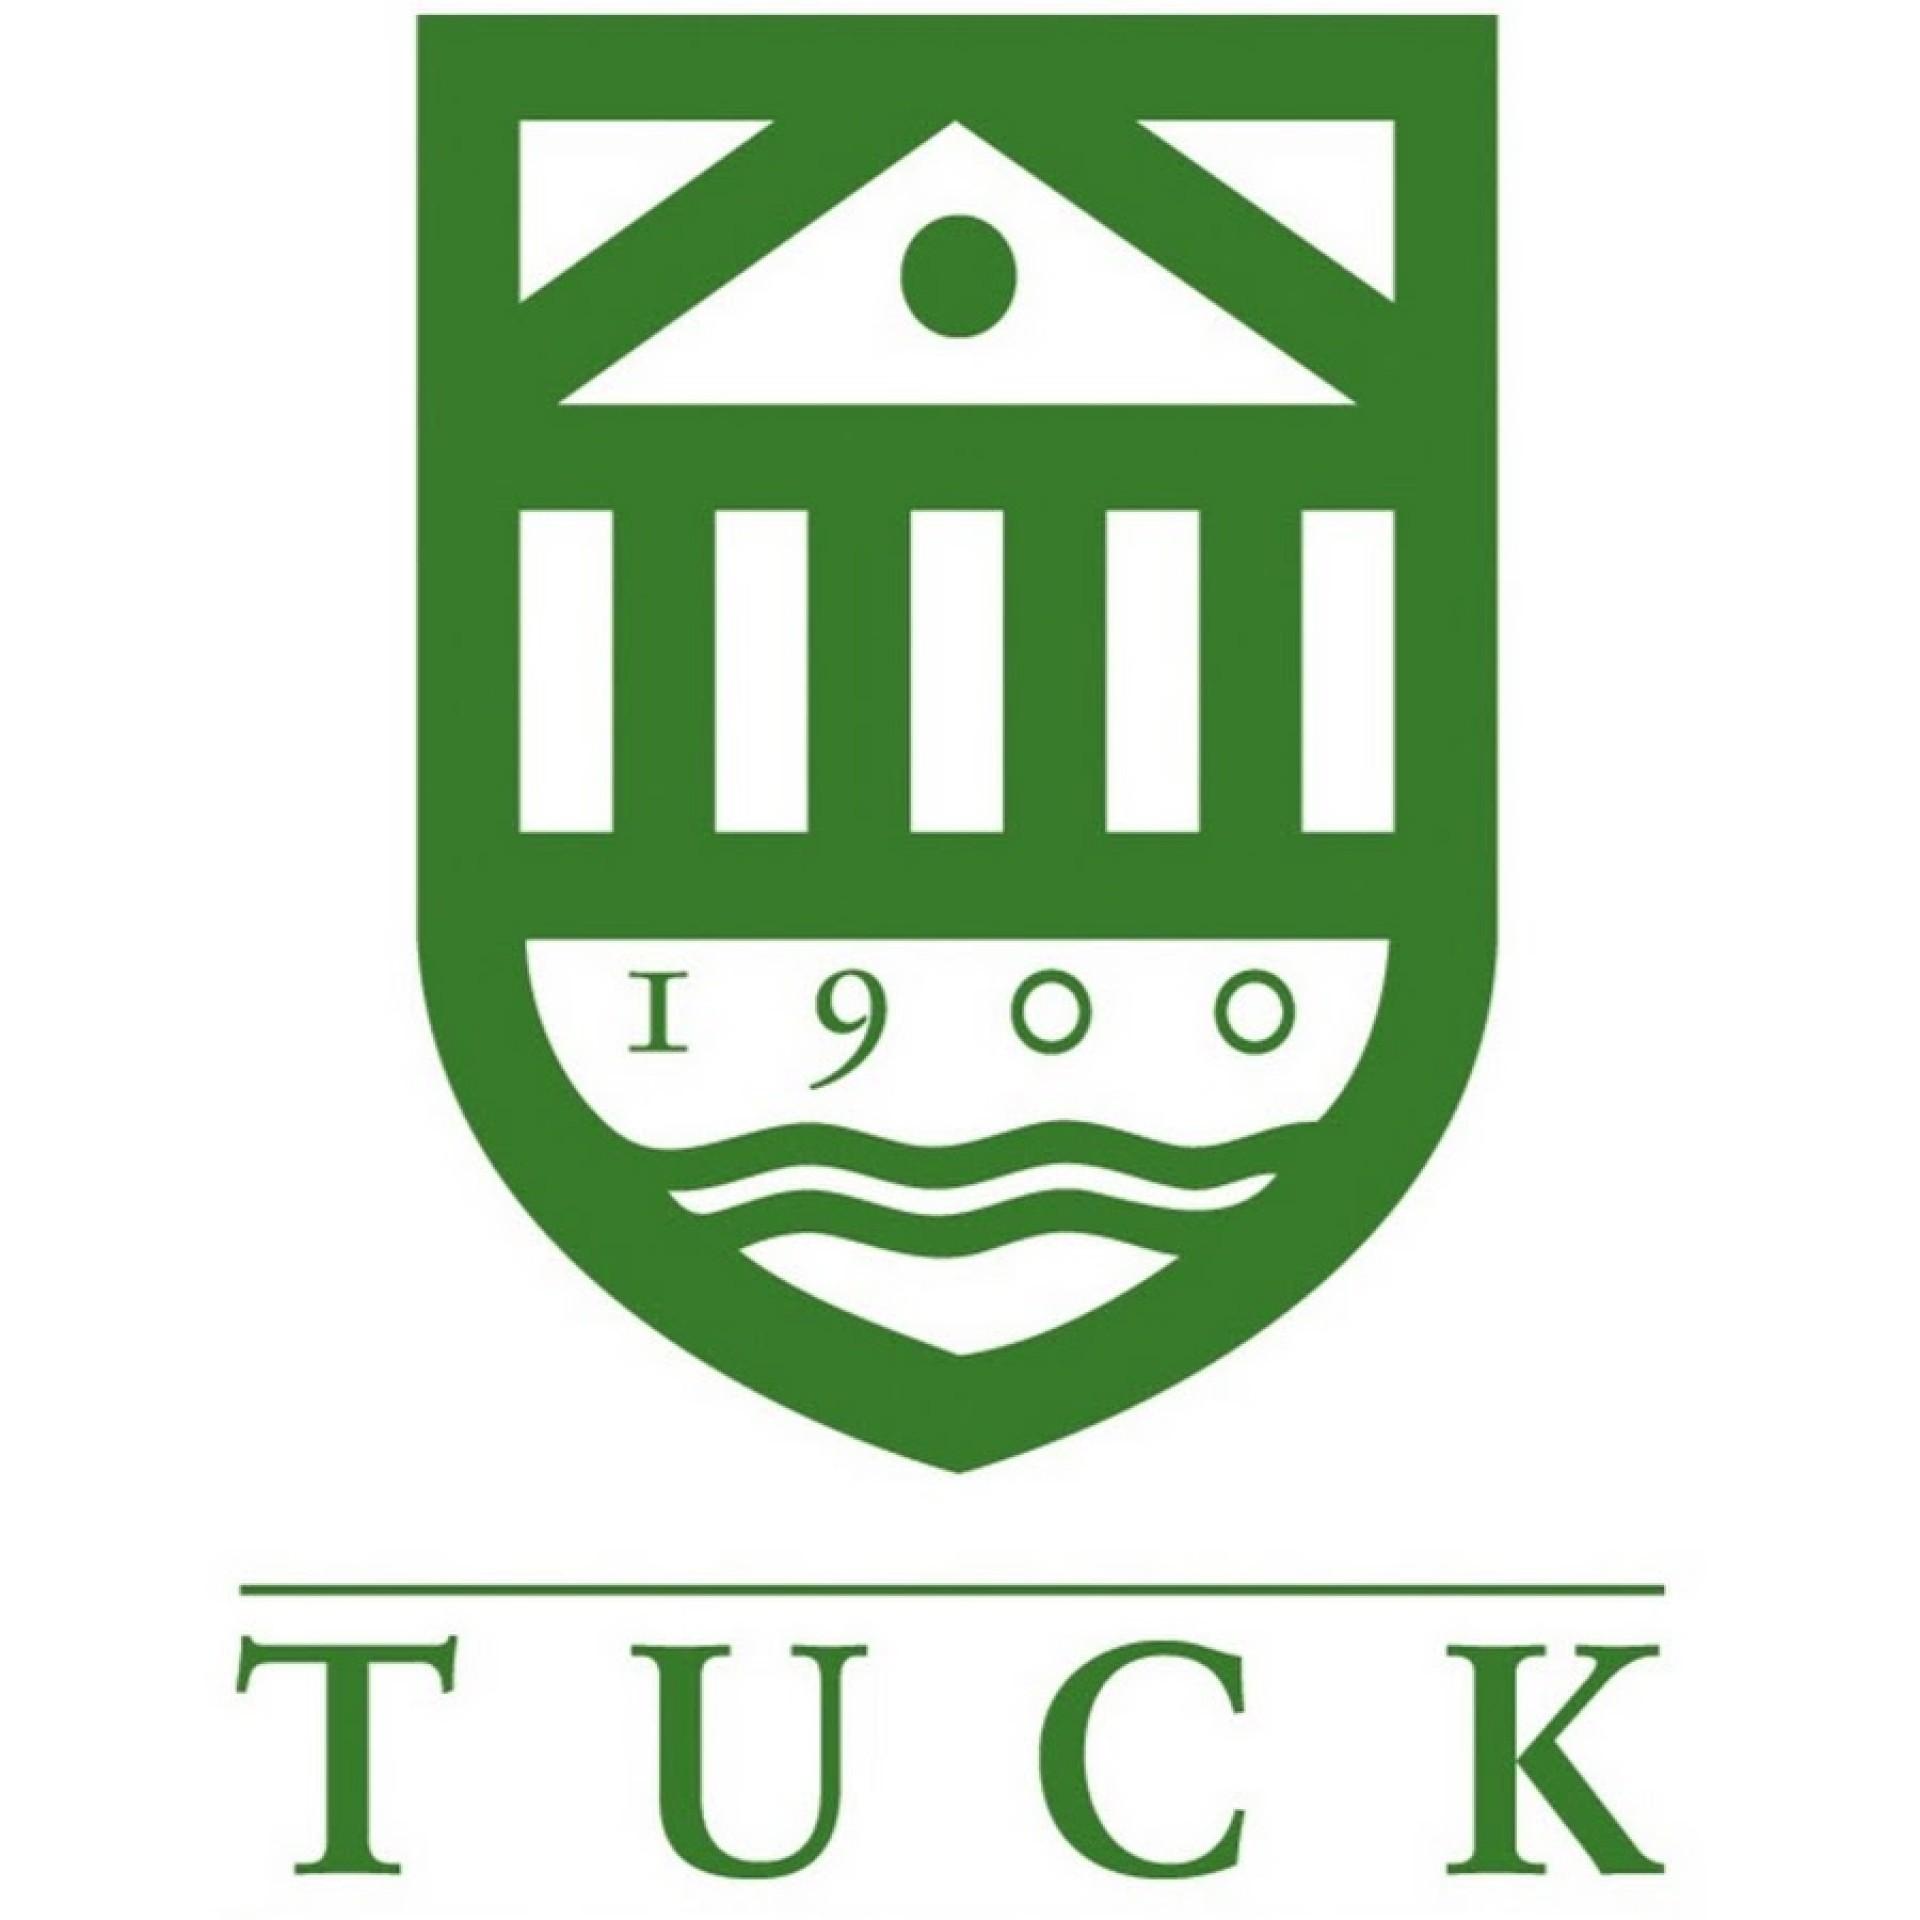 003 Tuck Mba Essays Essay Marvelous Sample Tips 2018 1920